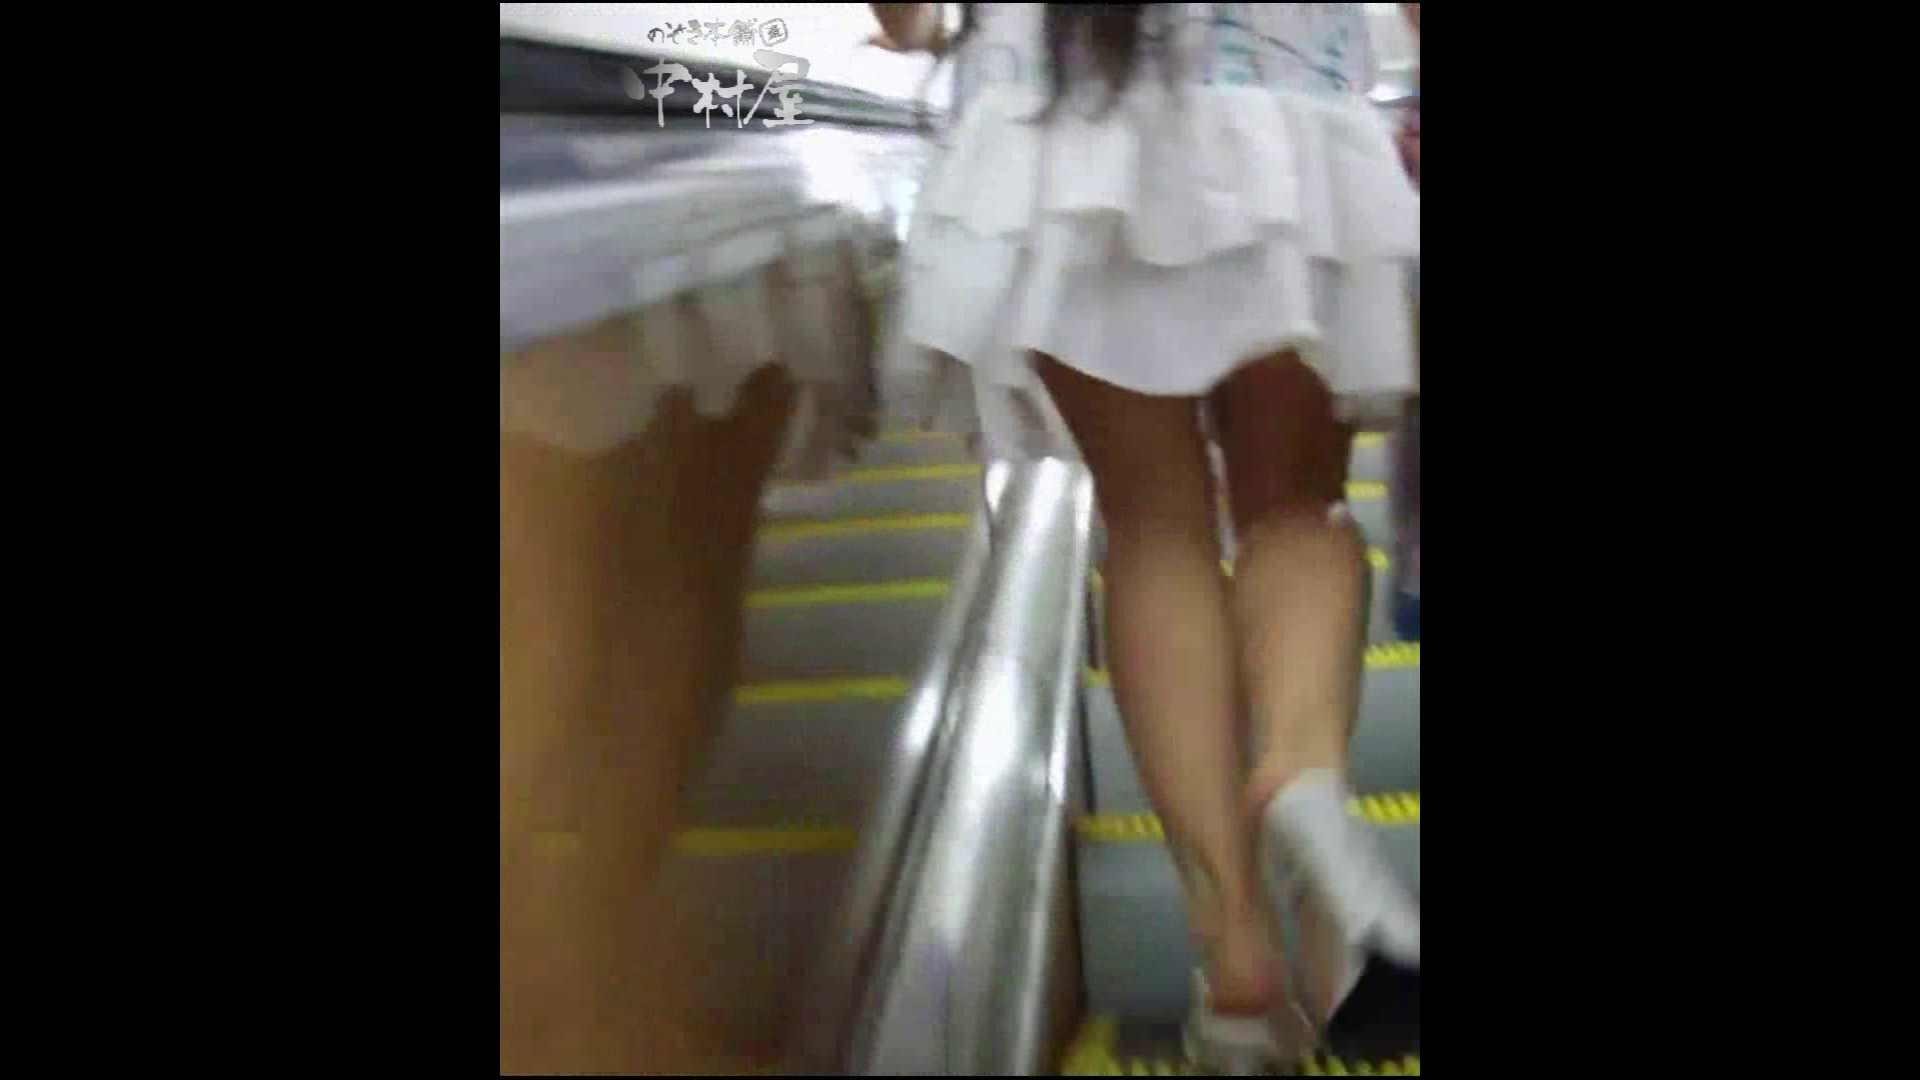 綺麗なモデルさんのスカート捲っちゃおう‼ vol23  35枚